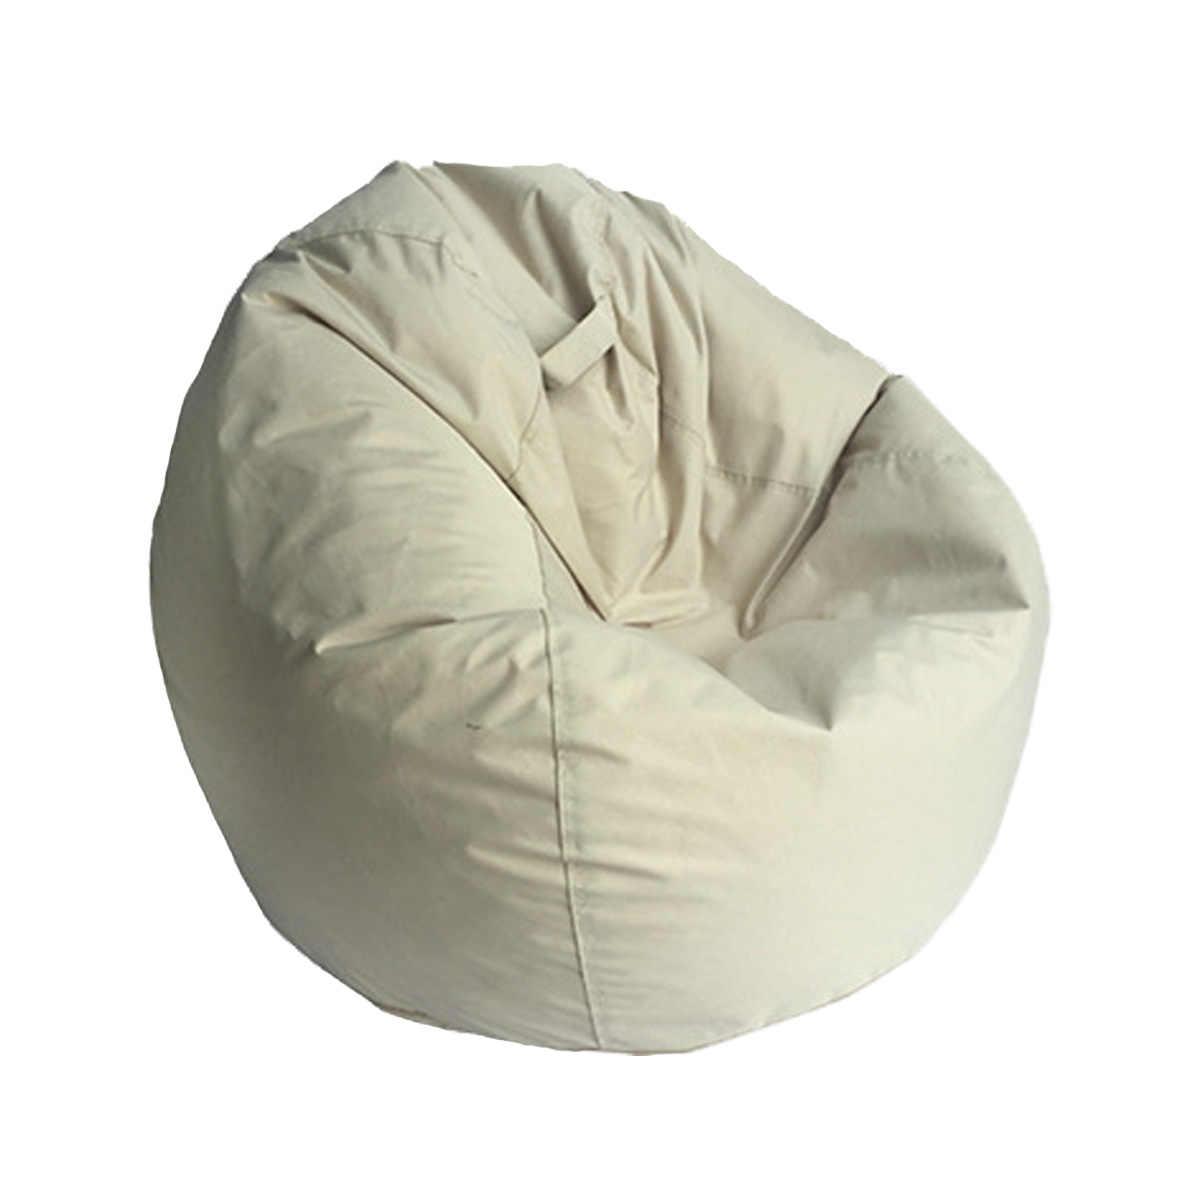 Tampa do Saco de feijão Sofá Cadeira Espreguiçadeira Sofá Assento Otomano Sofá Mobília Da Sala de Cama Sem Enchimento Beanbag Pouf Puff Tatam